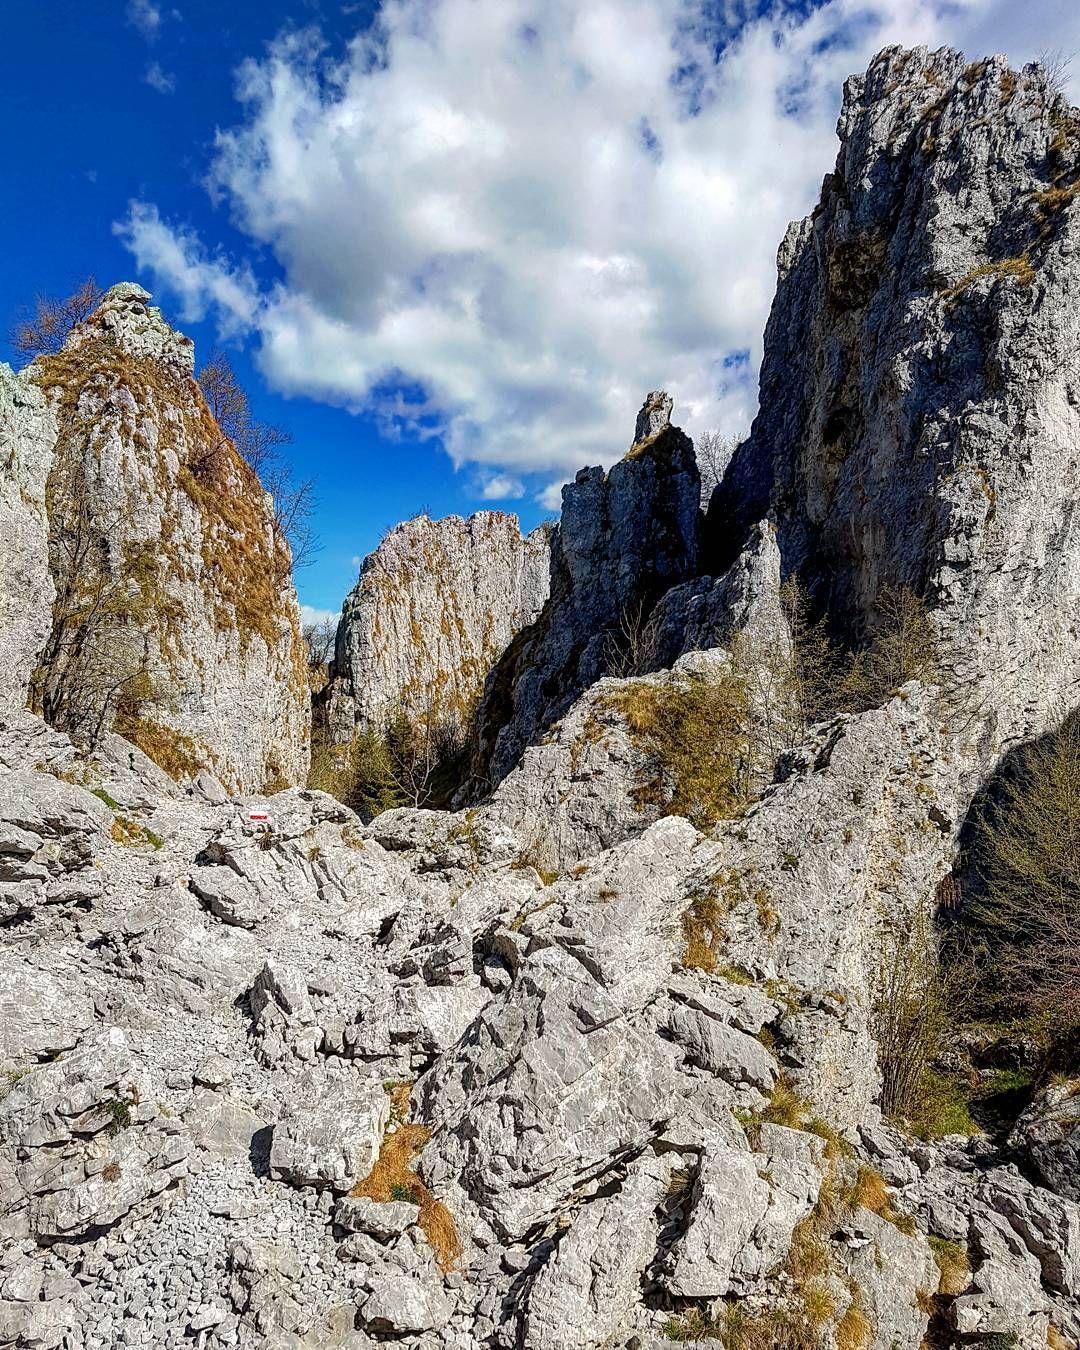 Il sentiero all'interno dei Labirinti della Cornagera è bellissimo. Si procede accanto alle alte pareti di roccia famose per le arrampicate. Stupendo. #montagna #trekking